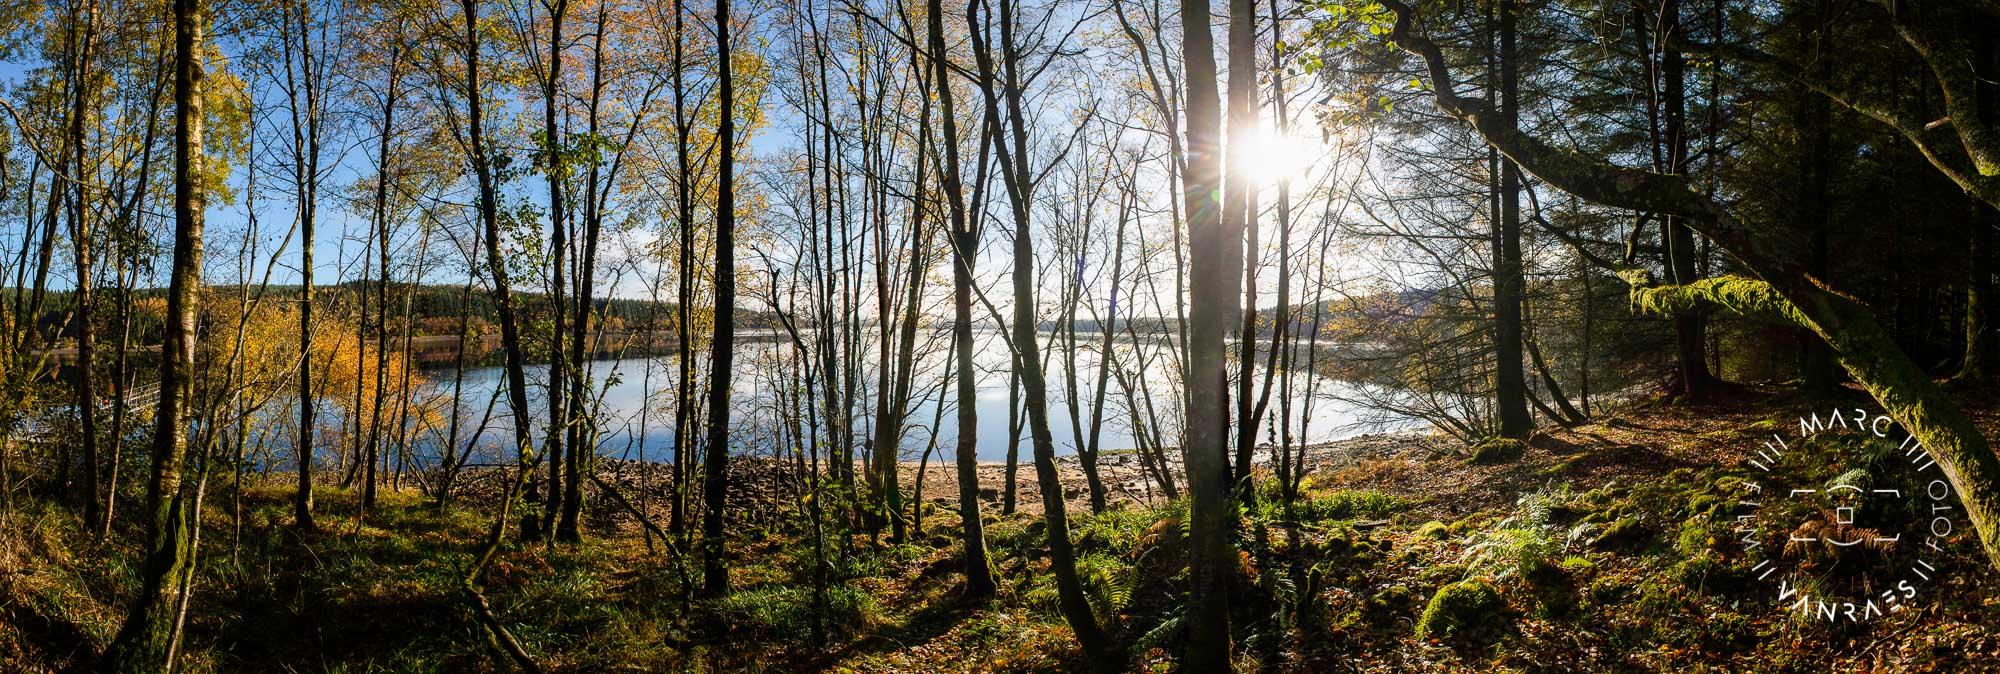 © Deze foto's van Kielder Water 5 - www.marcvanraes.be - 5_